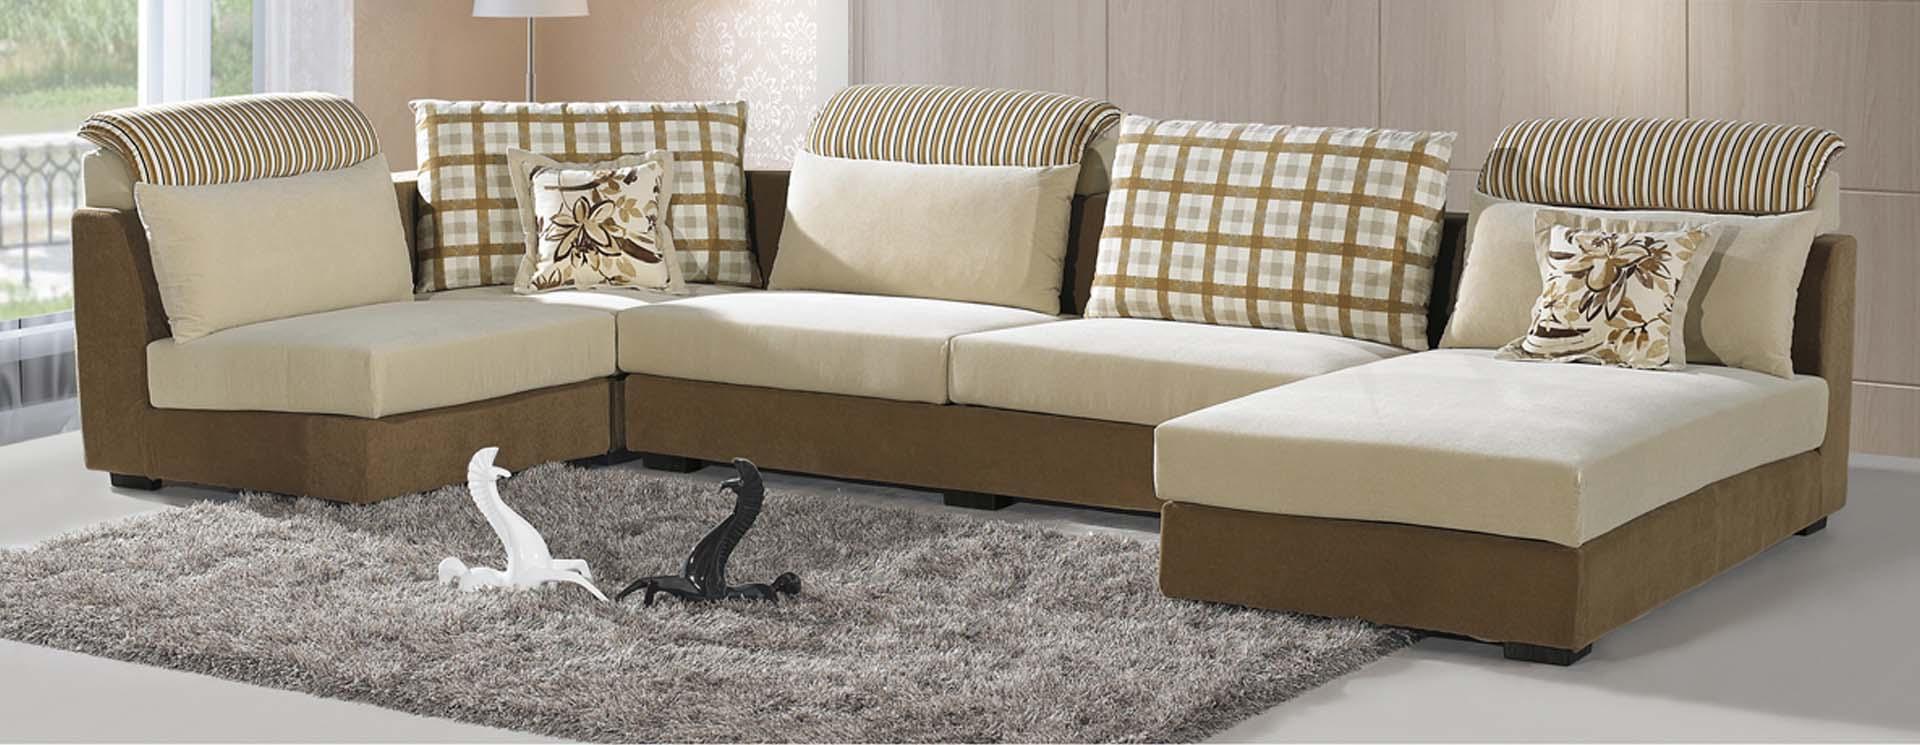 名称:沙发E-639B#<br/> 市场价:<font style='color:#999;text-decoration:line-through;'>¥0</font><br />全国统一零售价:<font color='Red'>¥0.0</font>